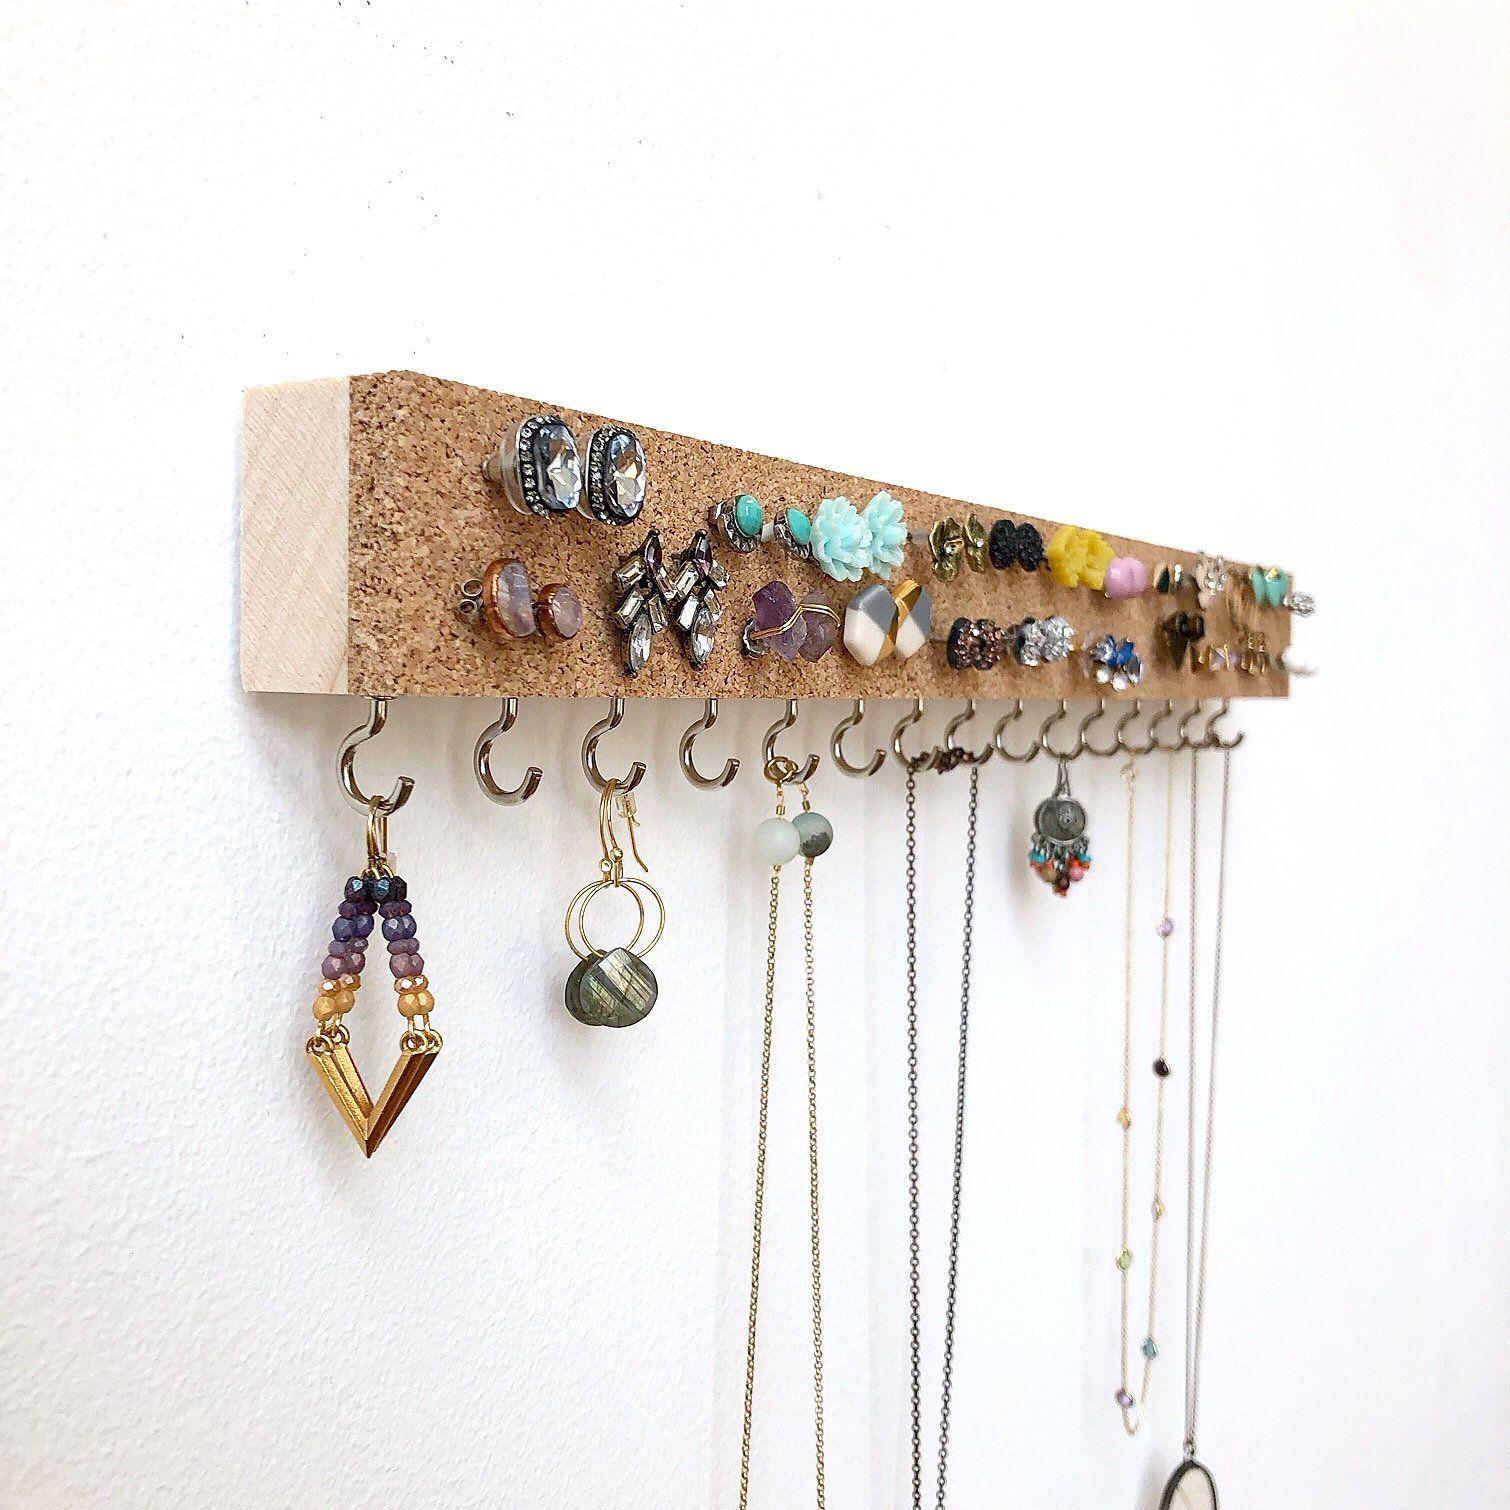 Jewelry Organizer Stud Earrings Wood Jewelry Hanger Minimalist Jewelryholder Jewelryorganizer Stude Wooden Jewelery Jewelry Hanger Jewelry Organizer Diy